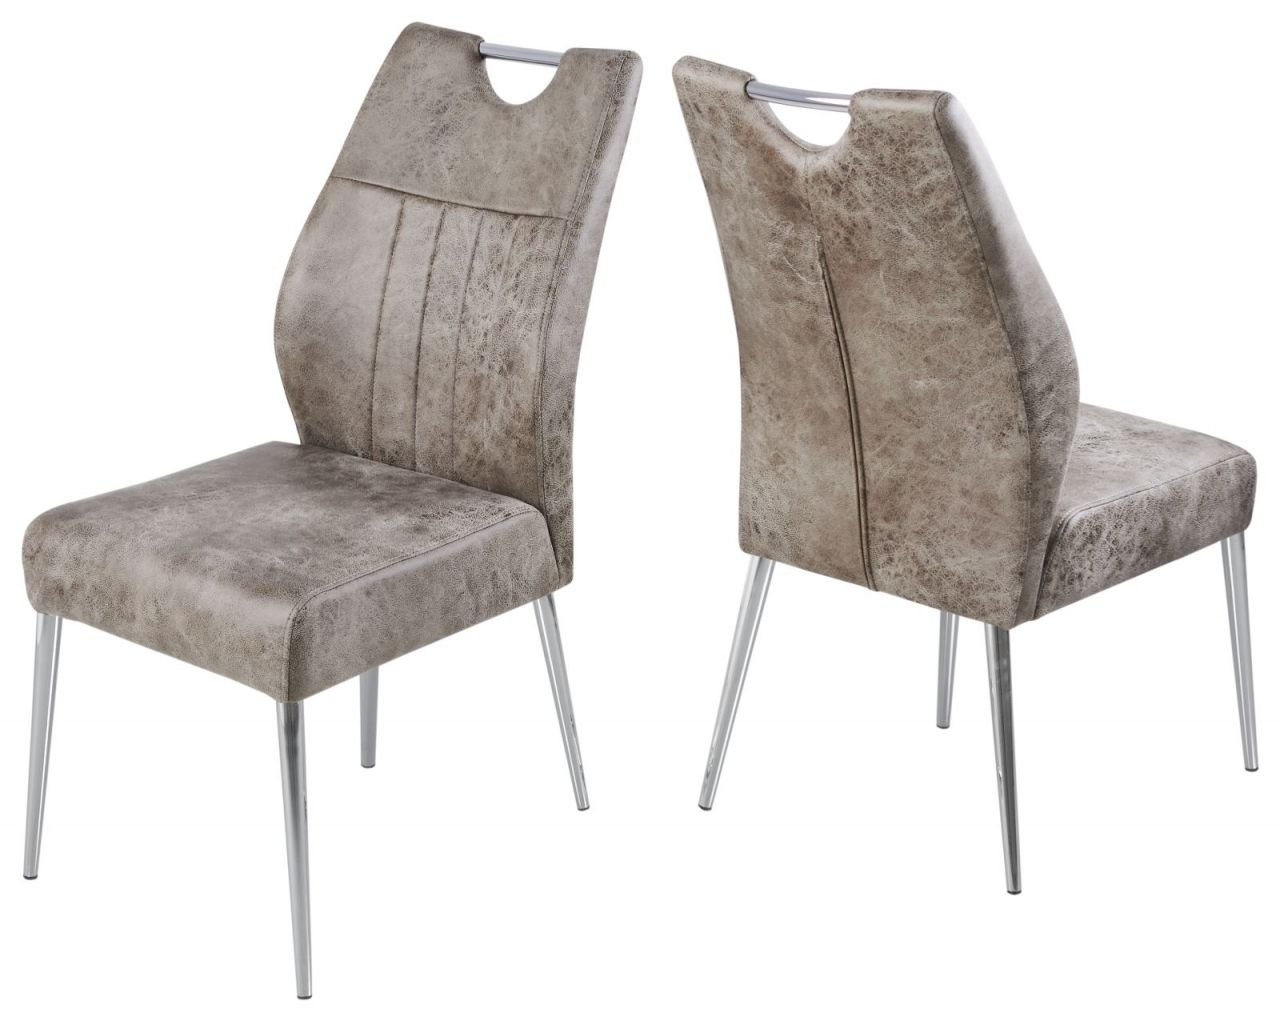 4er Set 4 Fuss Stuhl Federkern Polsterung 2 Vintage Farben Beige Anthrazit Verchromt R Mainau Kaufen Bei Eh Mobel